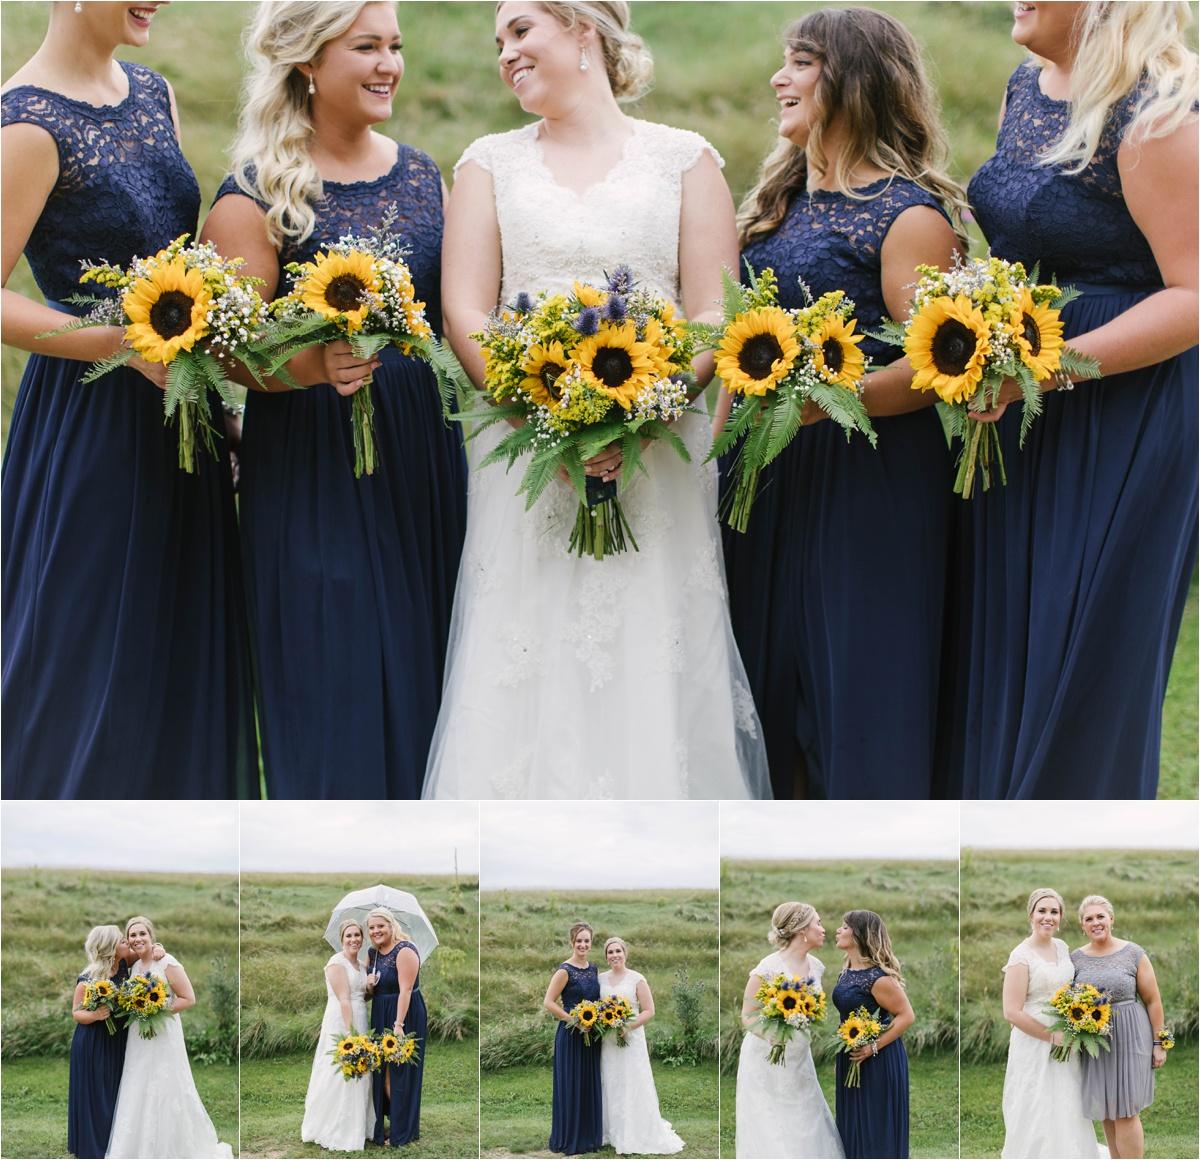 Stephanie Lynn Photography- Biessel Wedding, country charm, golf course wedding- Canon Falls, MN_0040.jpg